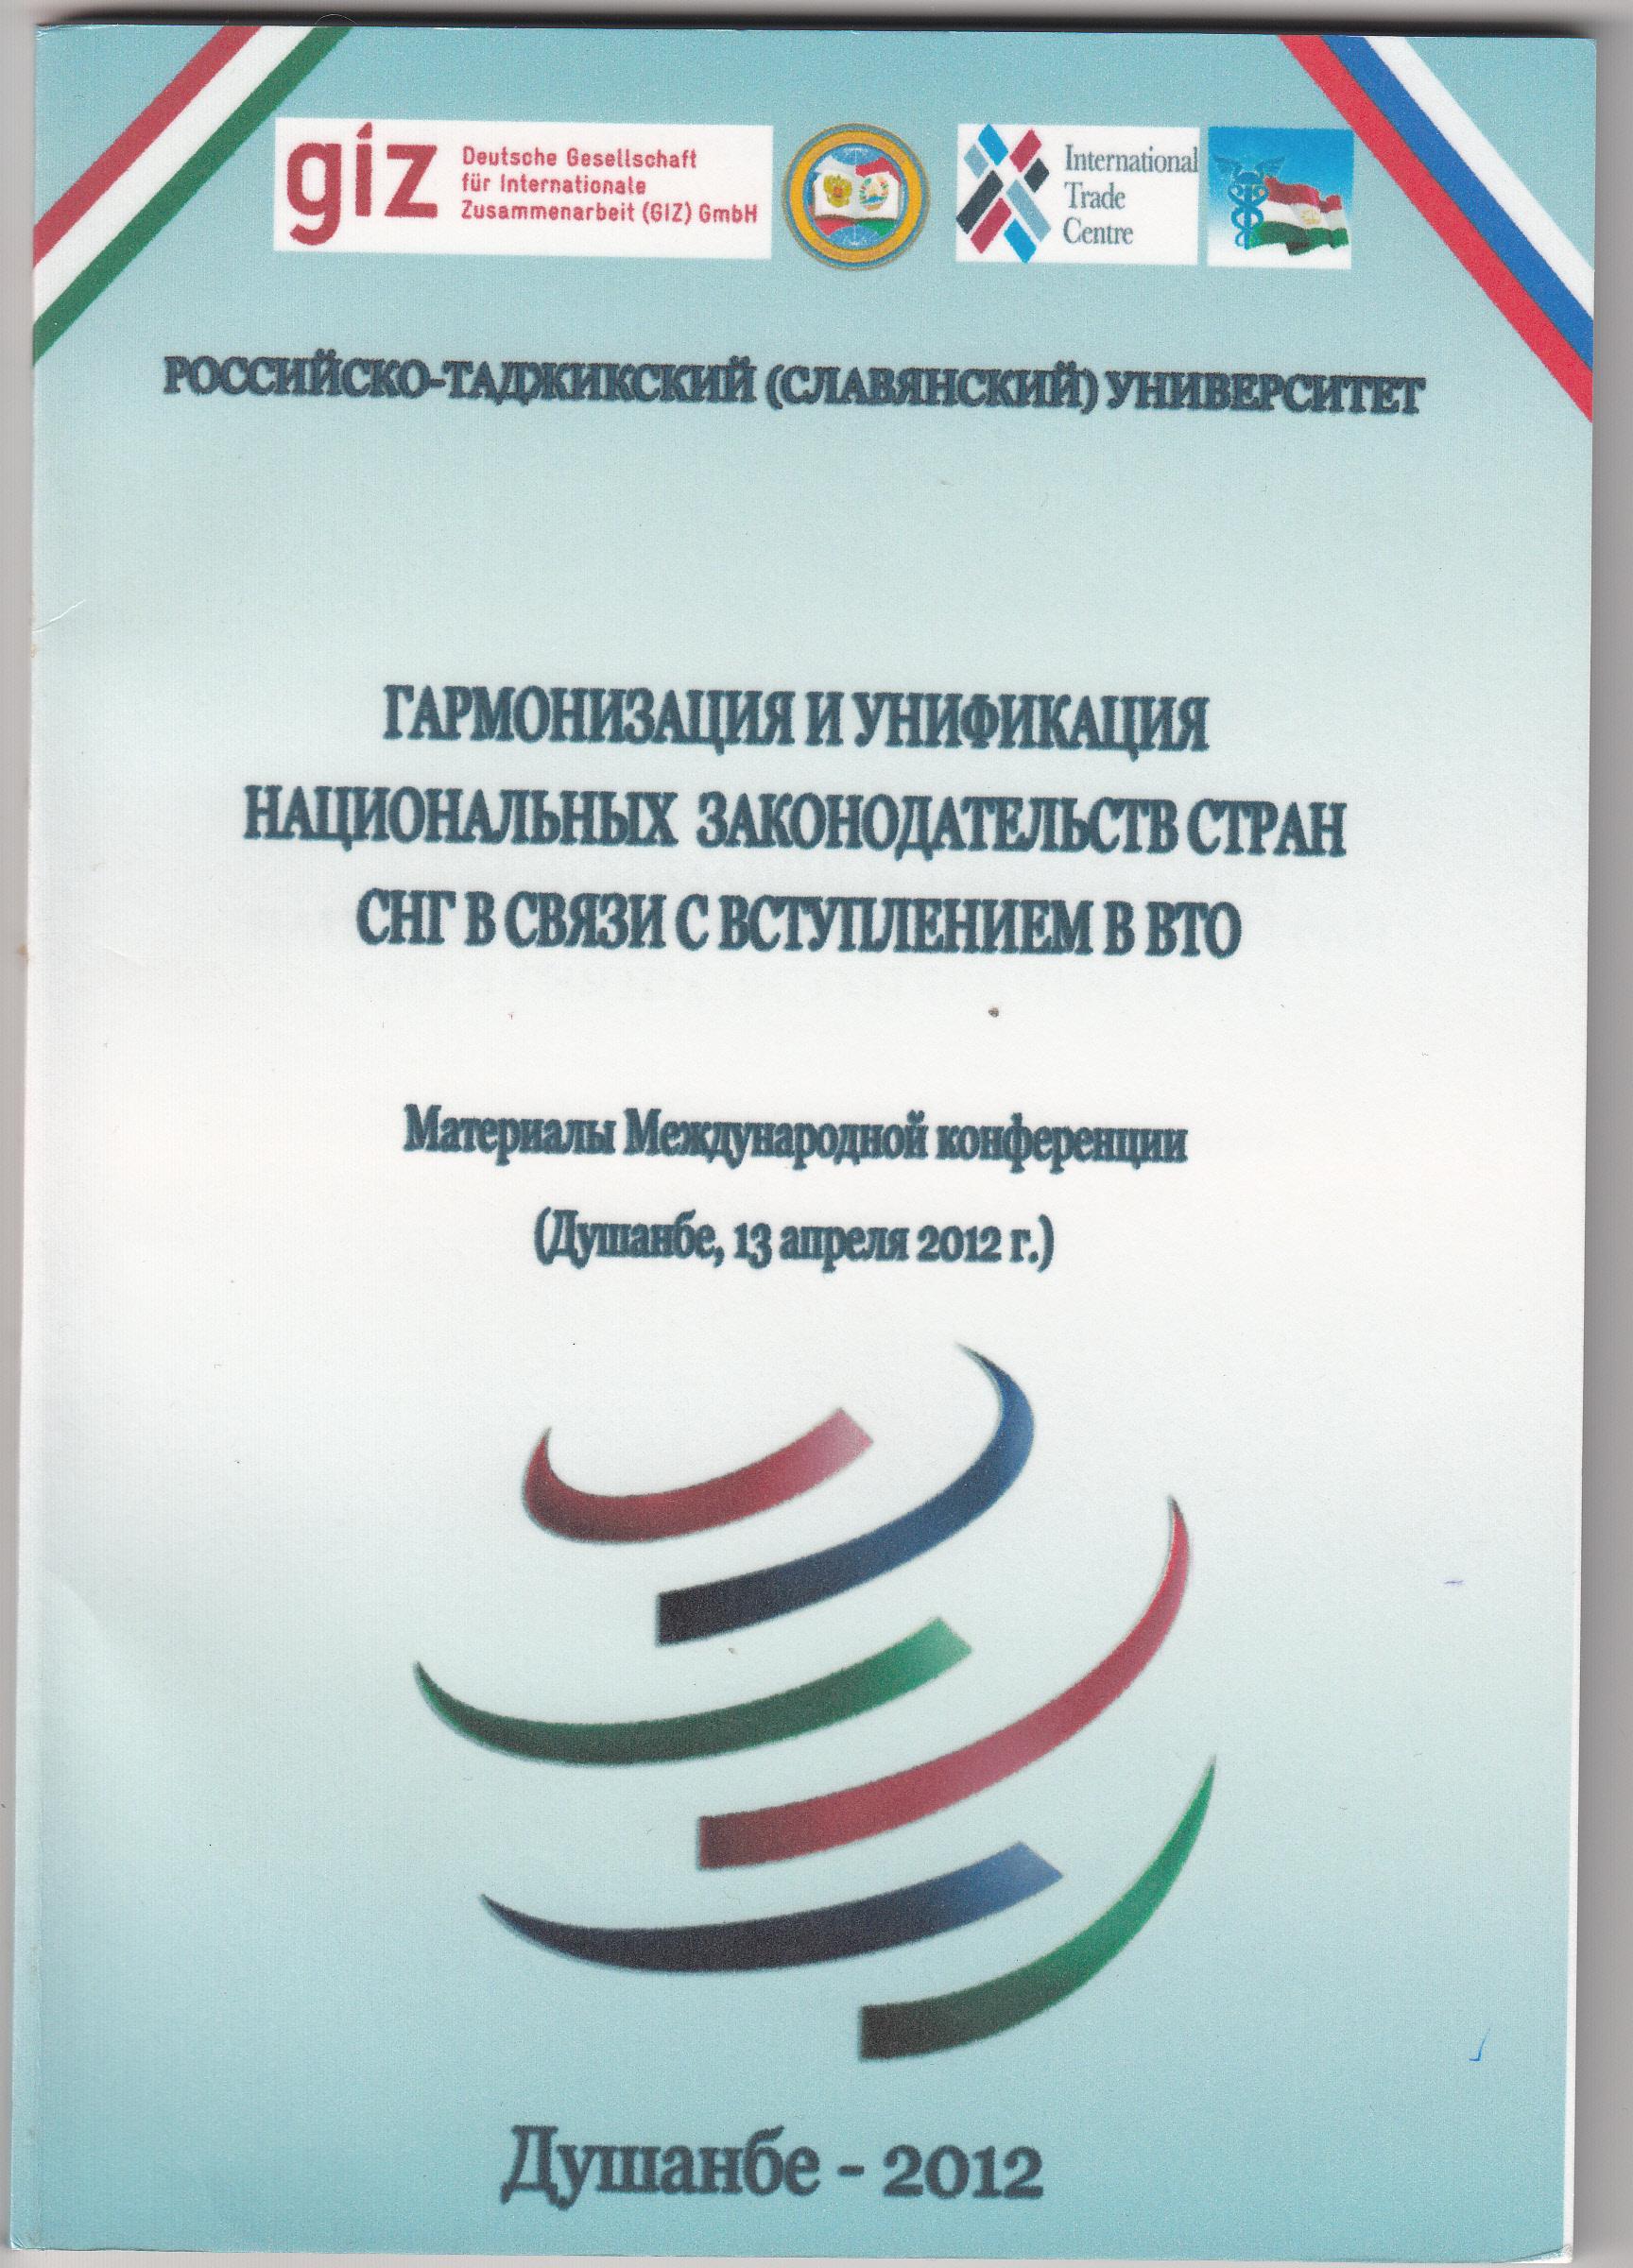 Соглашение об учреждении ВТО